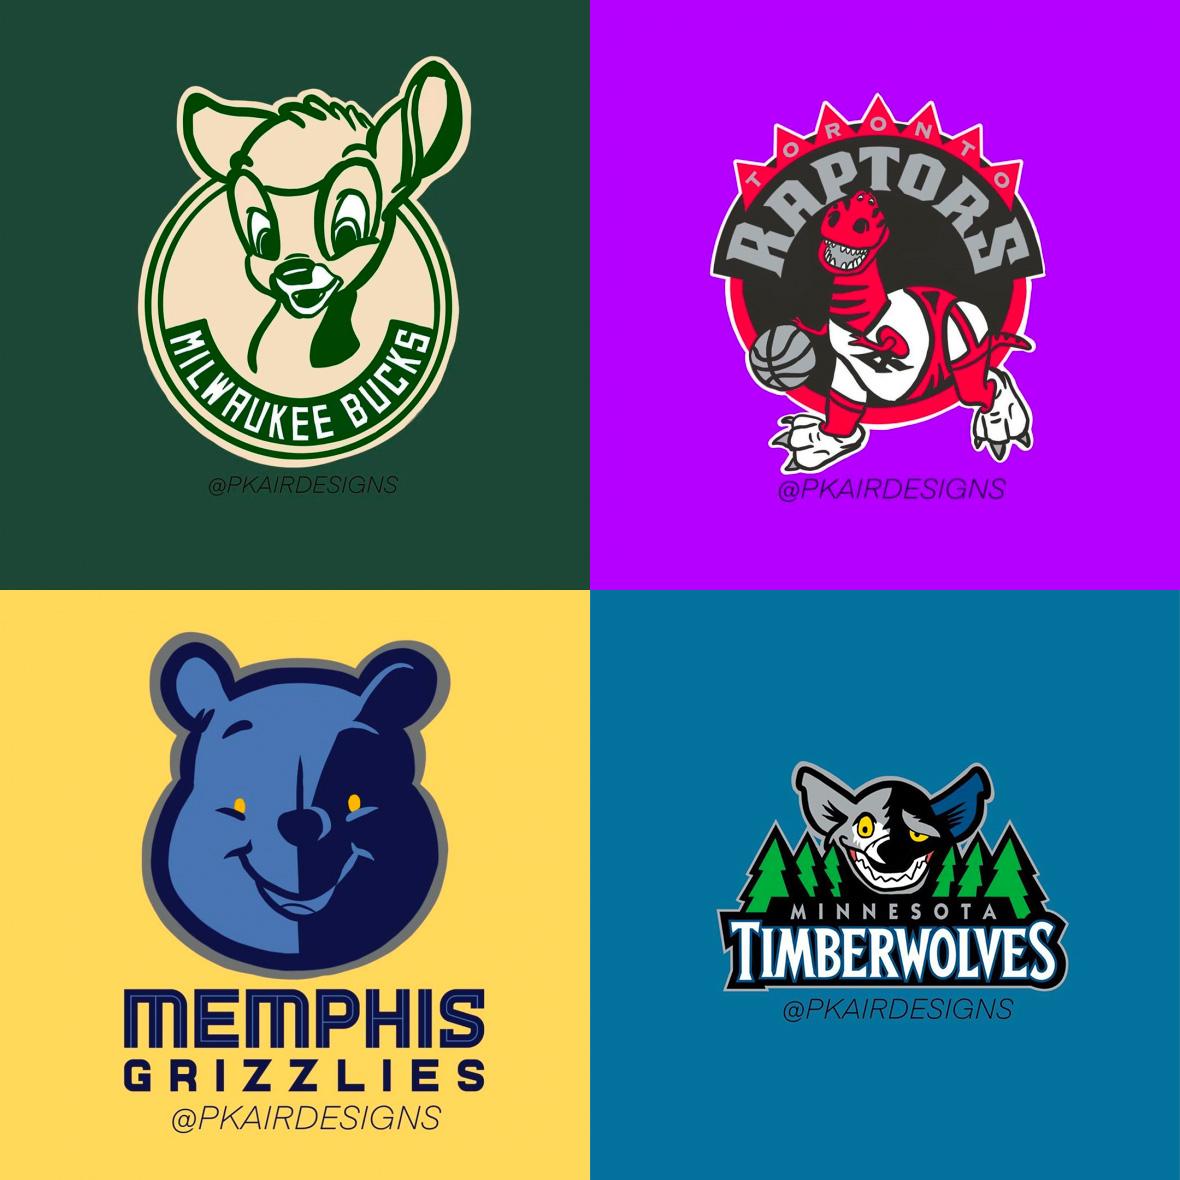 Disney/Pixar NBA Logos